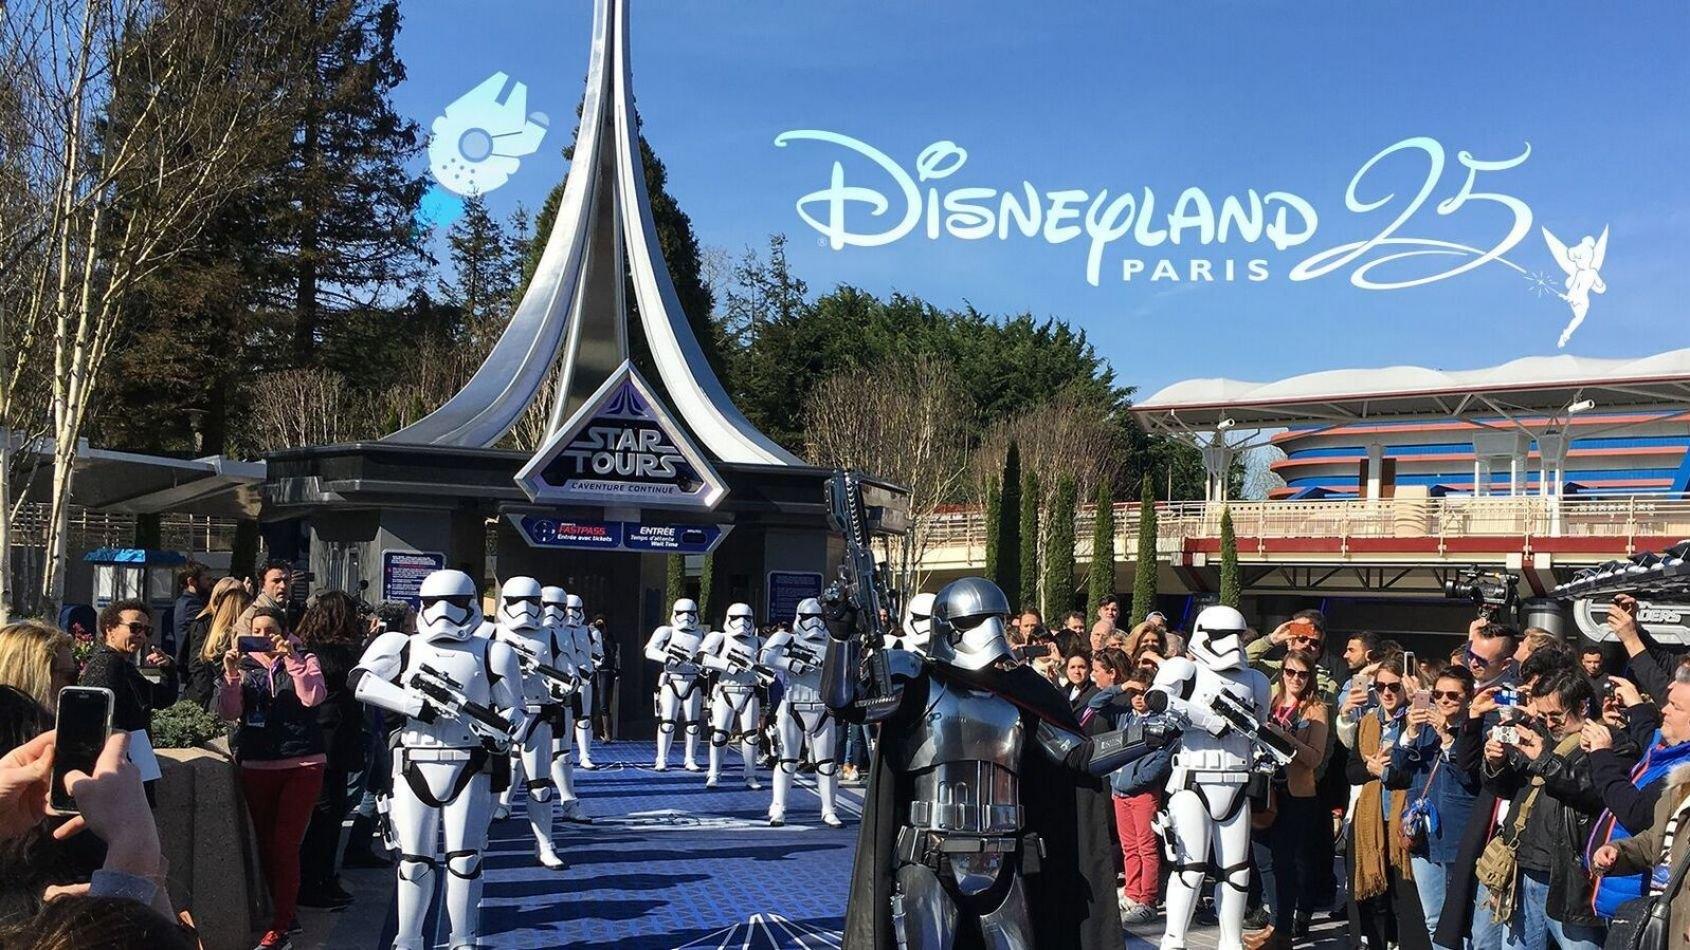 Reportage sur Star Tours 2 au 25ème anniversaire de Disneyland Paris !